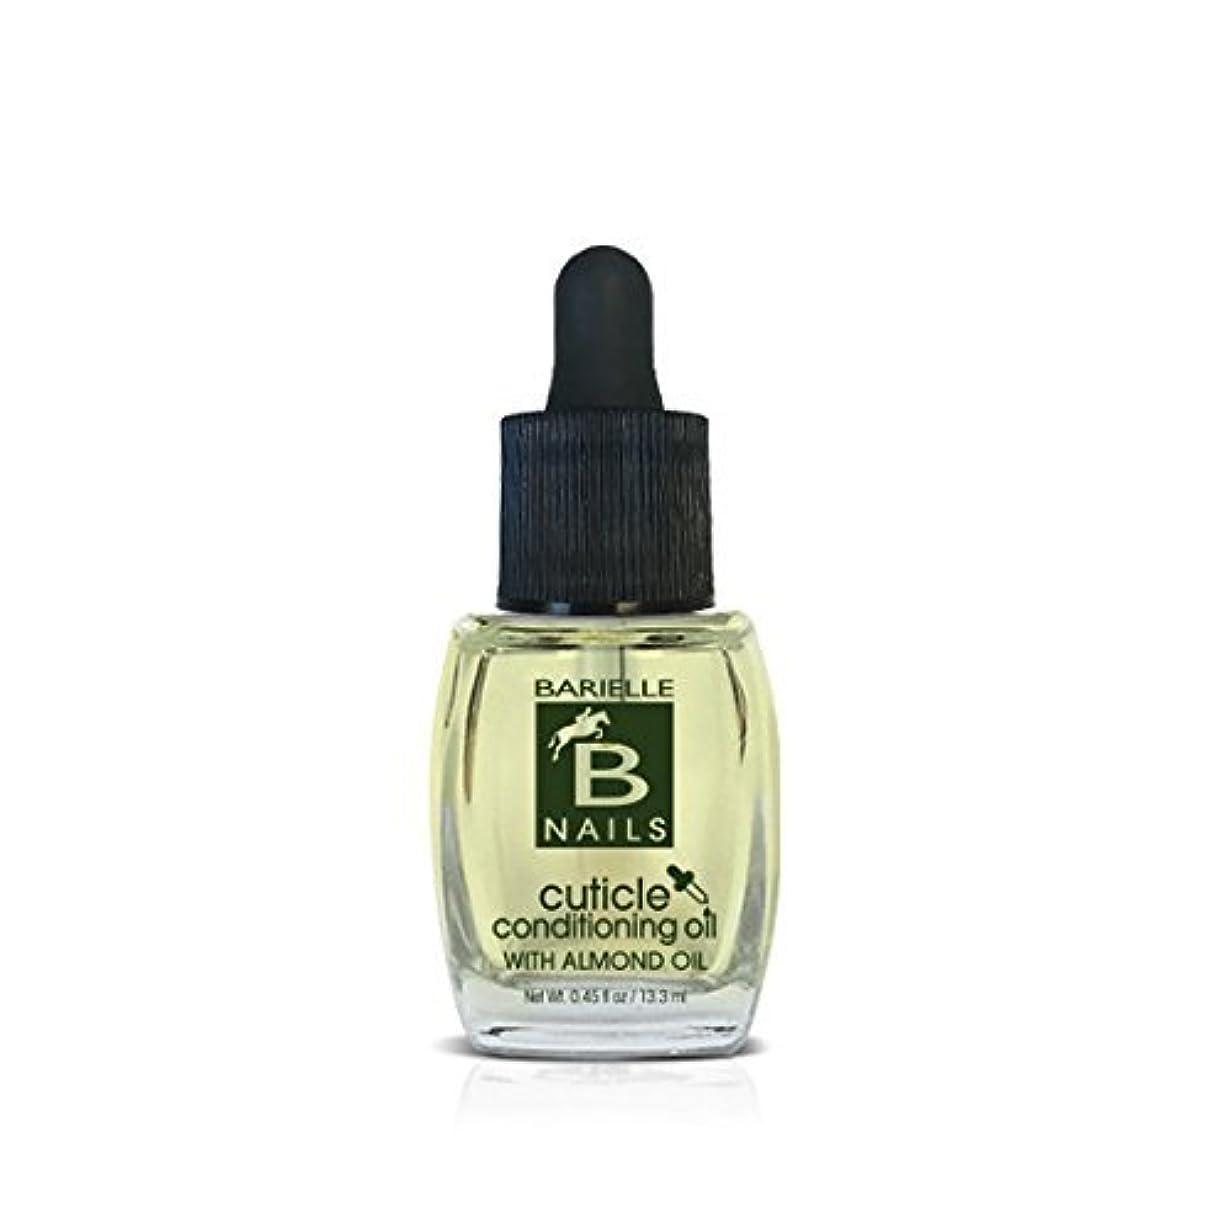 ダッシュ手入れ成功Barielle Nails - Cuticle Conditioning Oil with Almond Oil w/ Dropper - 13.3 mL / 0.45 oz